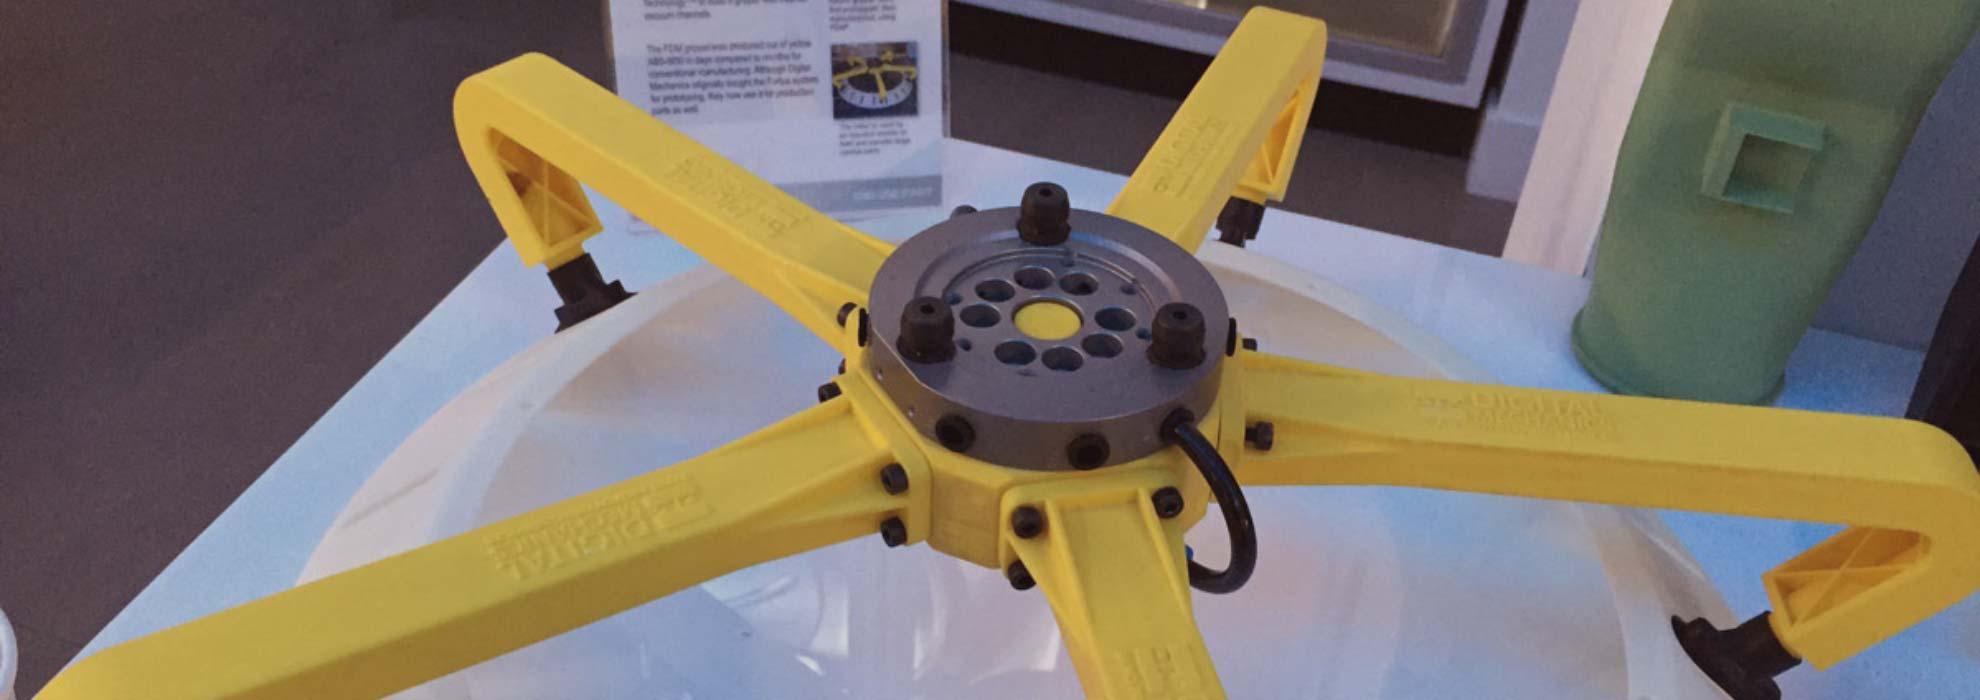 Устройство изготовленное с помощью 3Д печати